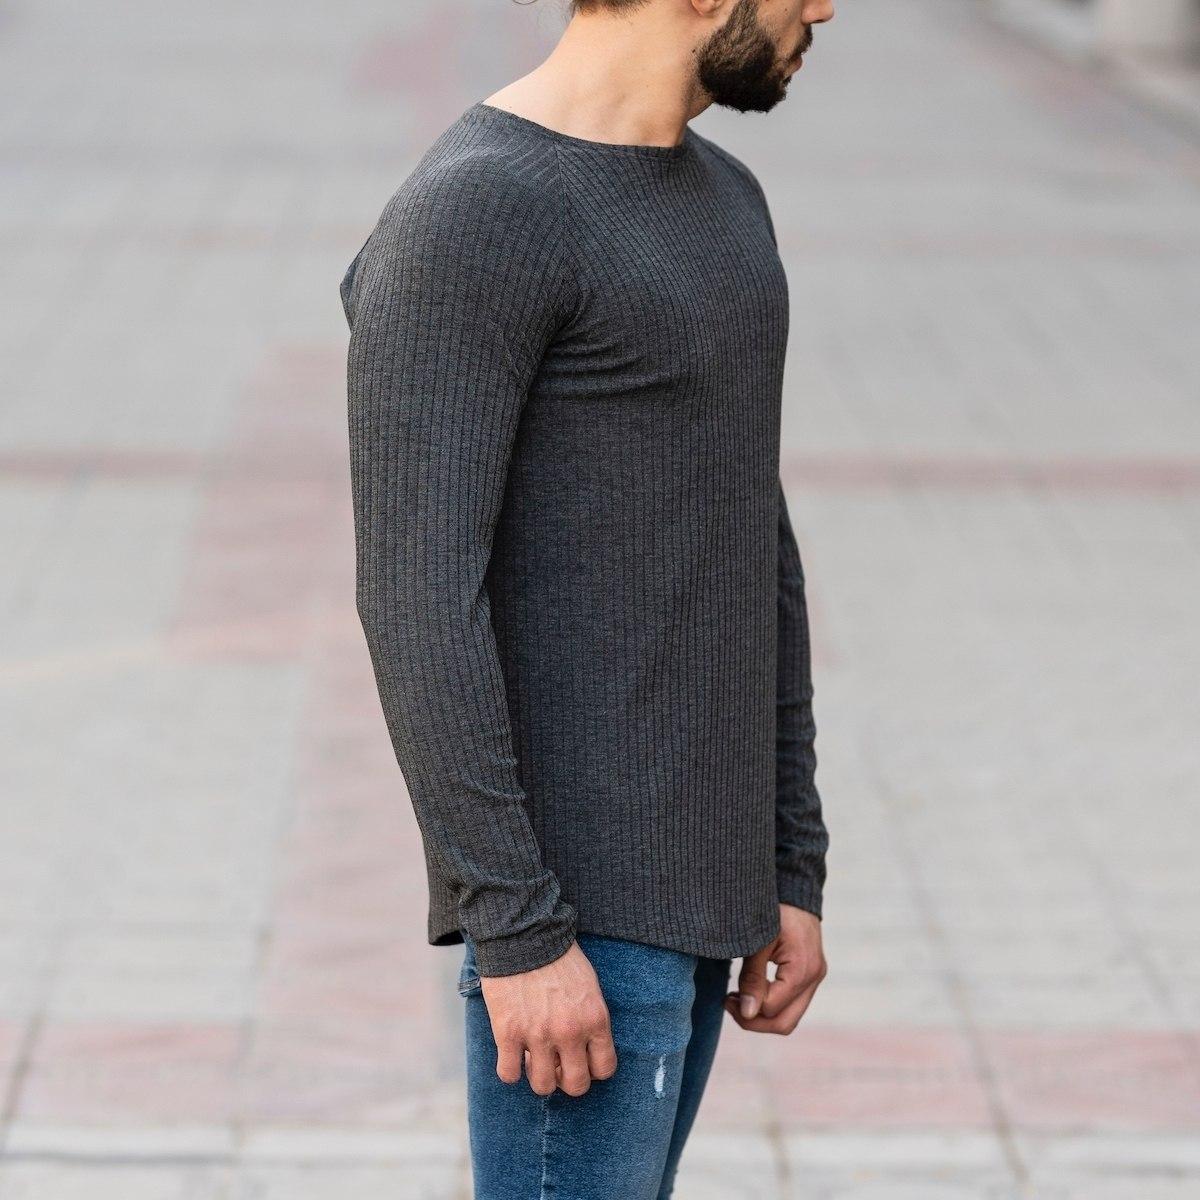 Gray Sweatshirt With Stripe Details Mv Premium Brand - 2